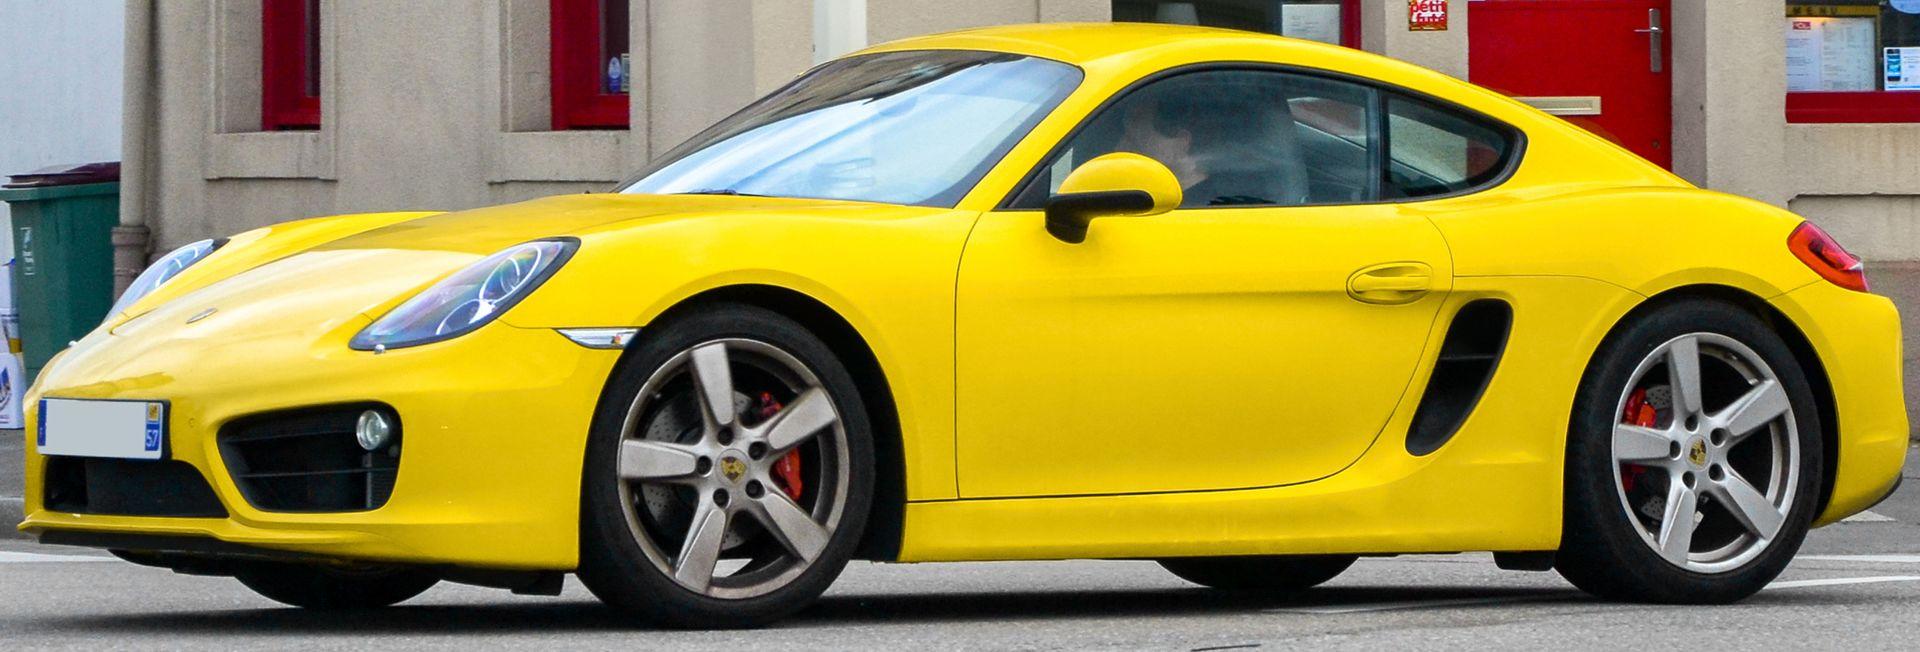 cele mai bune mașini din lume